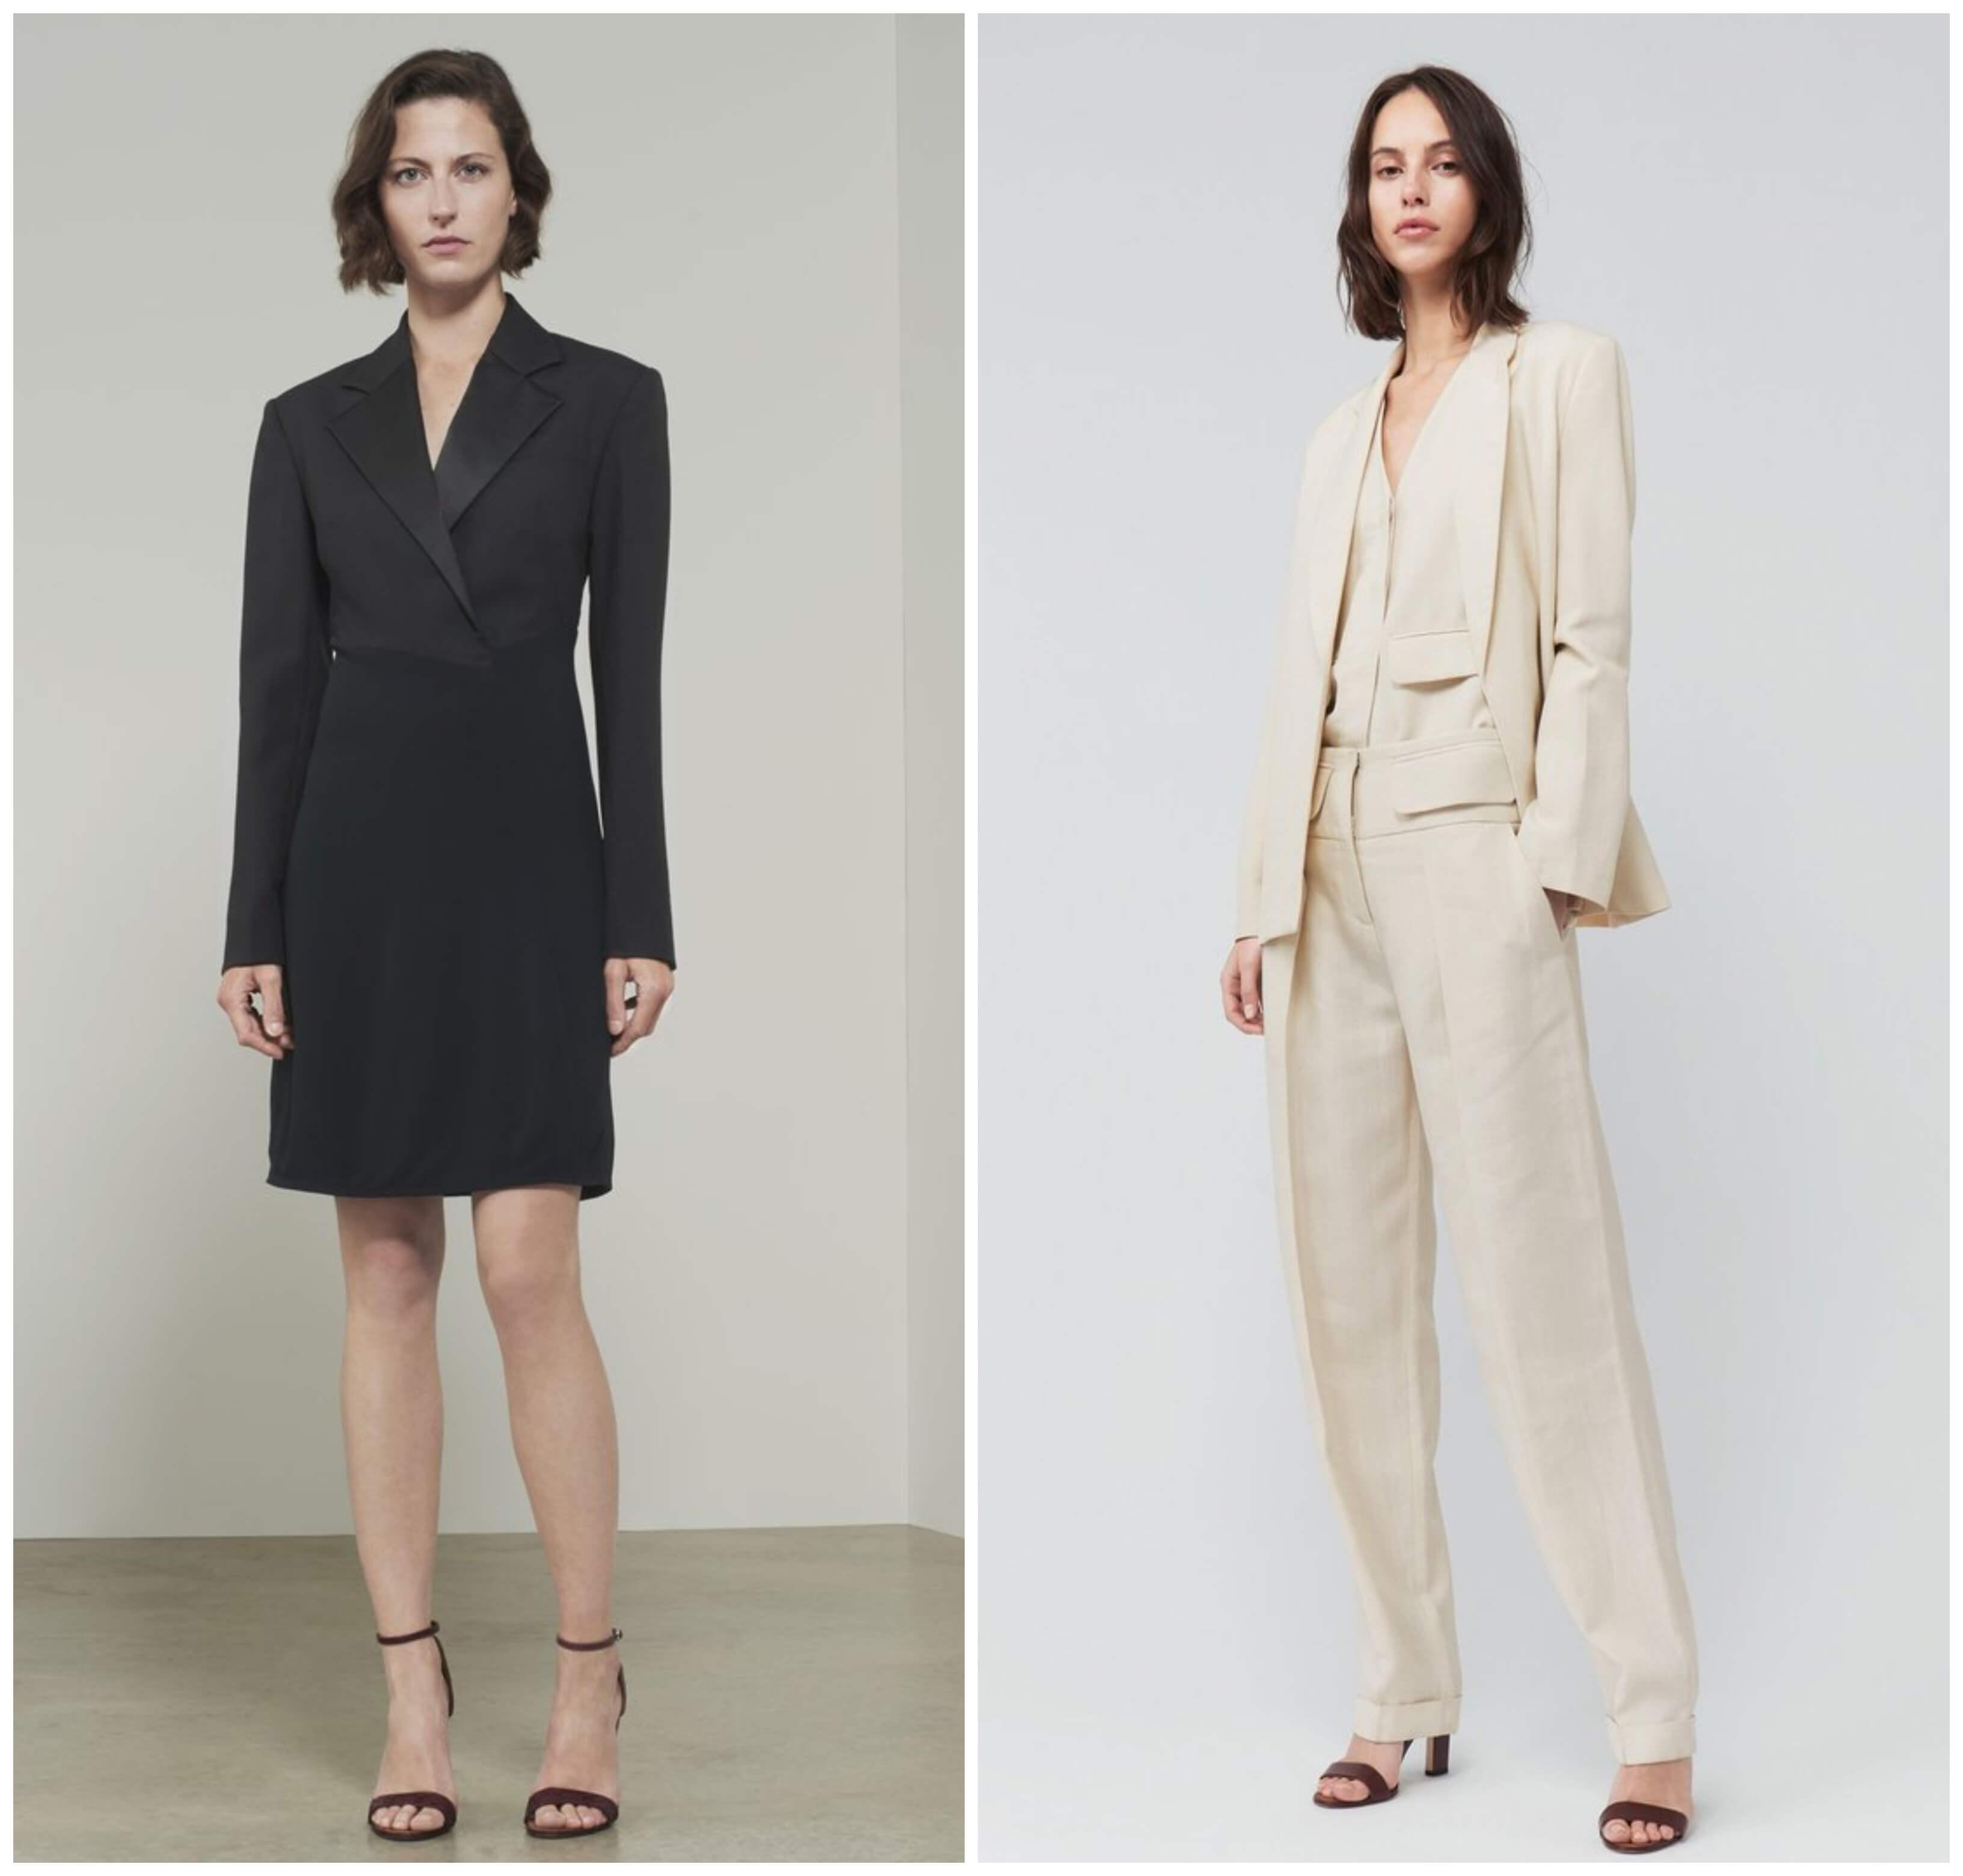 Código de vestimenta formal, estilo Victoria Beckham.